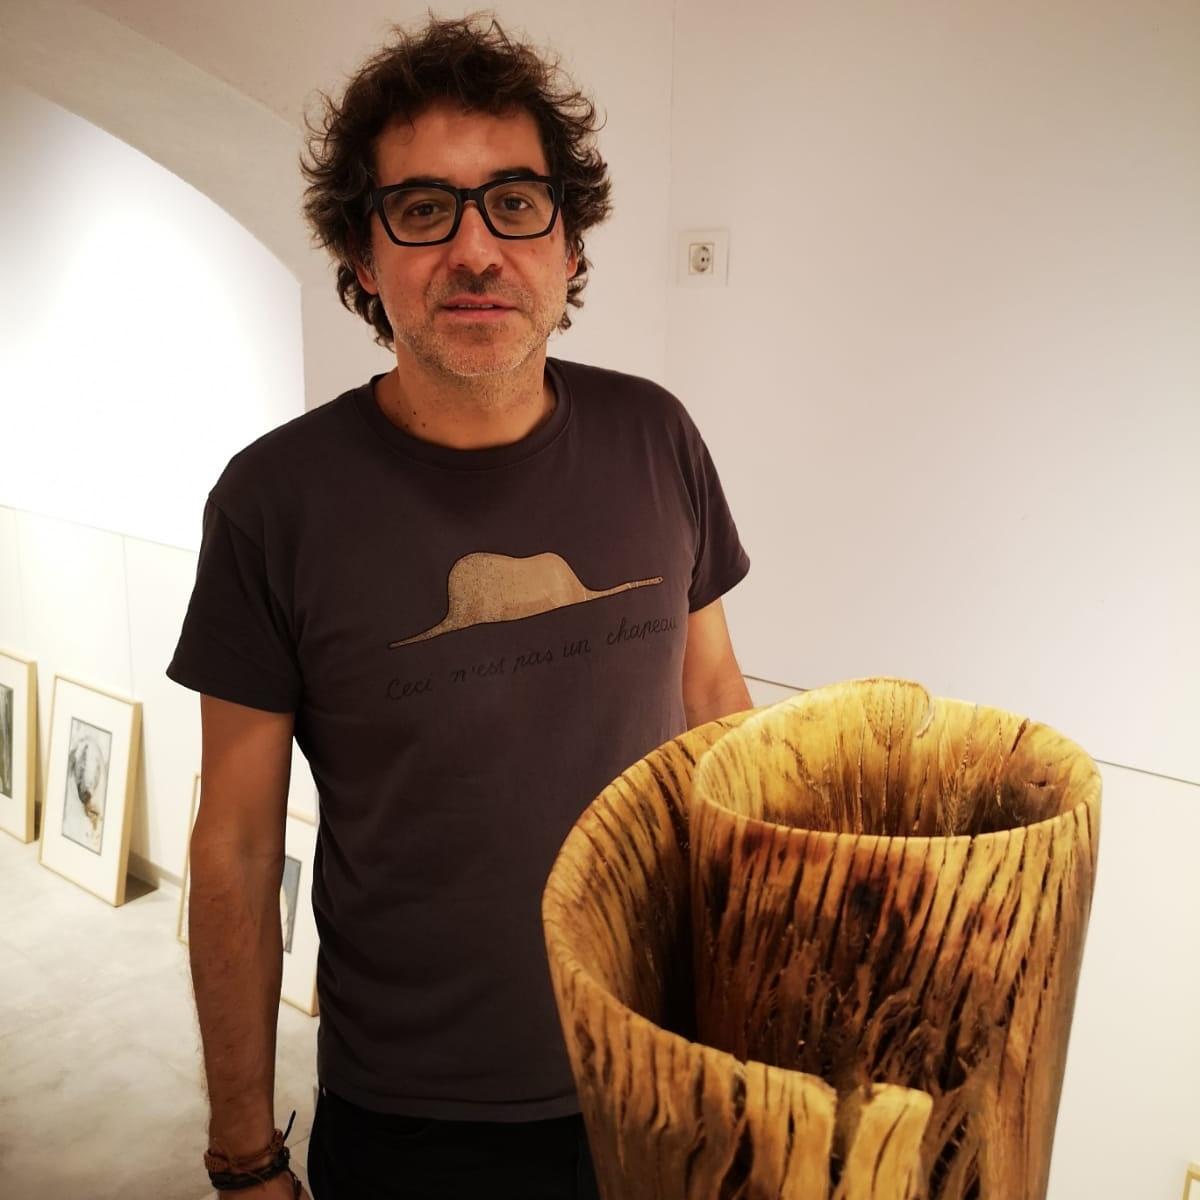 Xavier Puente